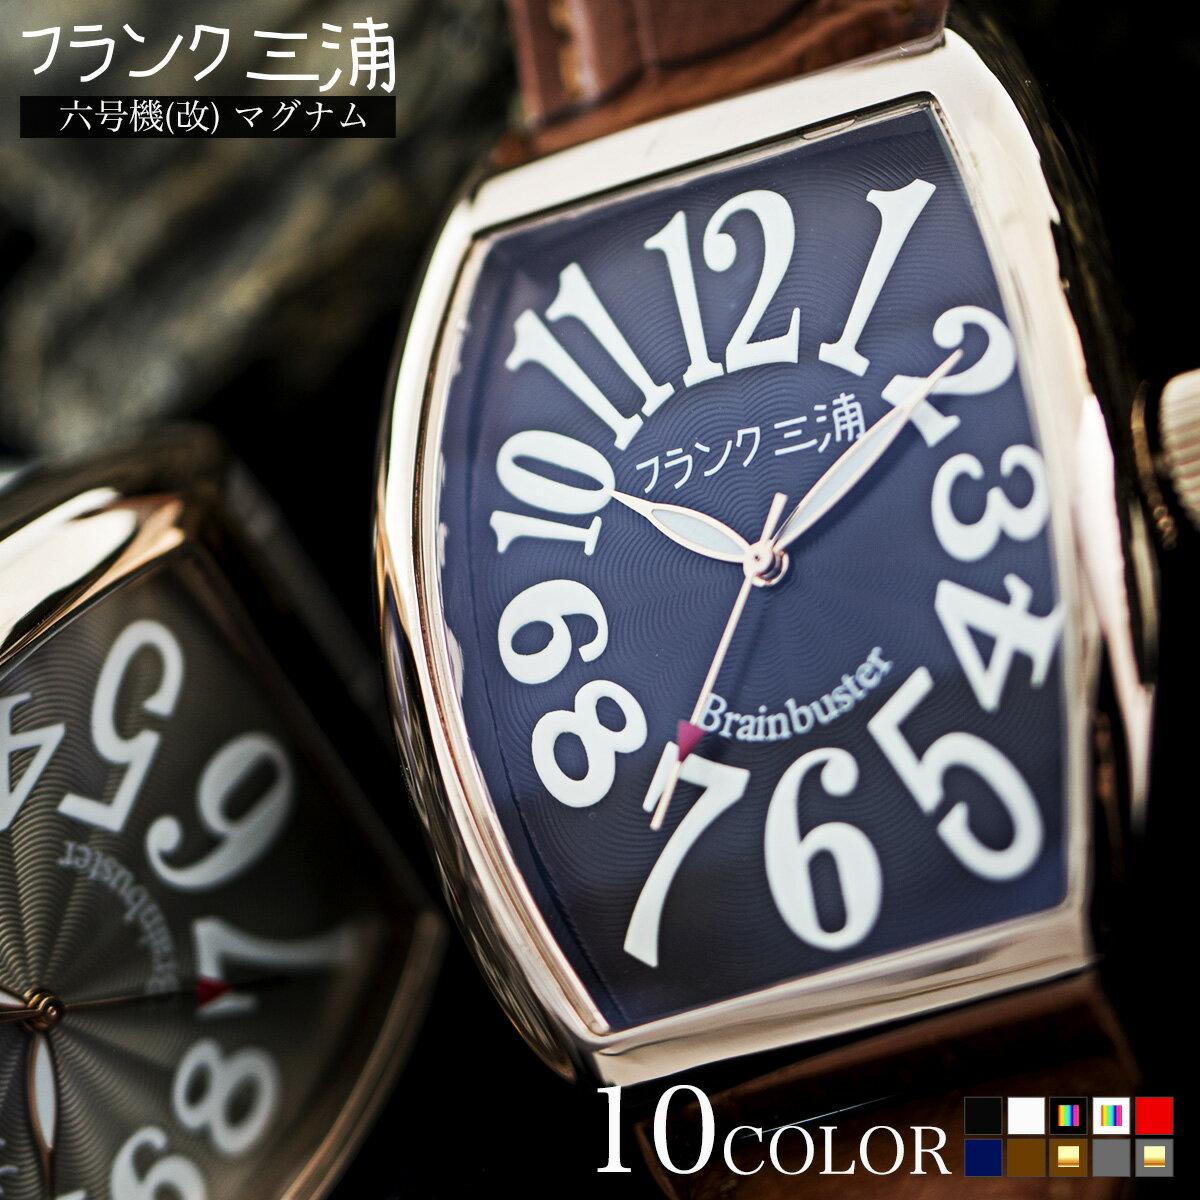 【エントリーで最大P29倍】フランク三浦 六号機(改) マグナム 時計 腕時計 誕生日プレゼント 贈り物